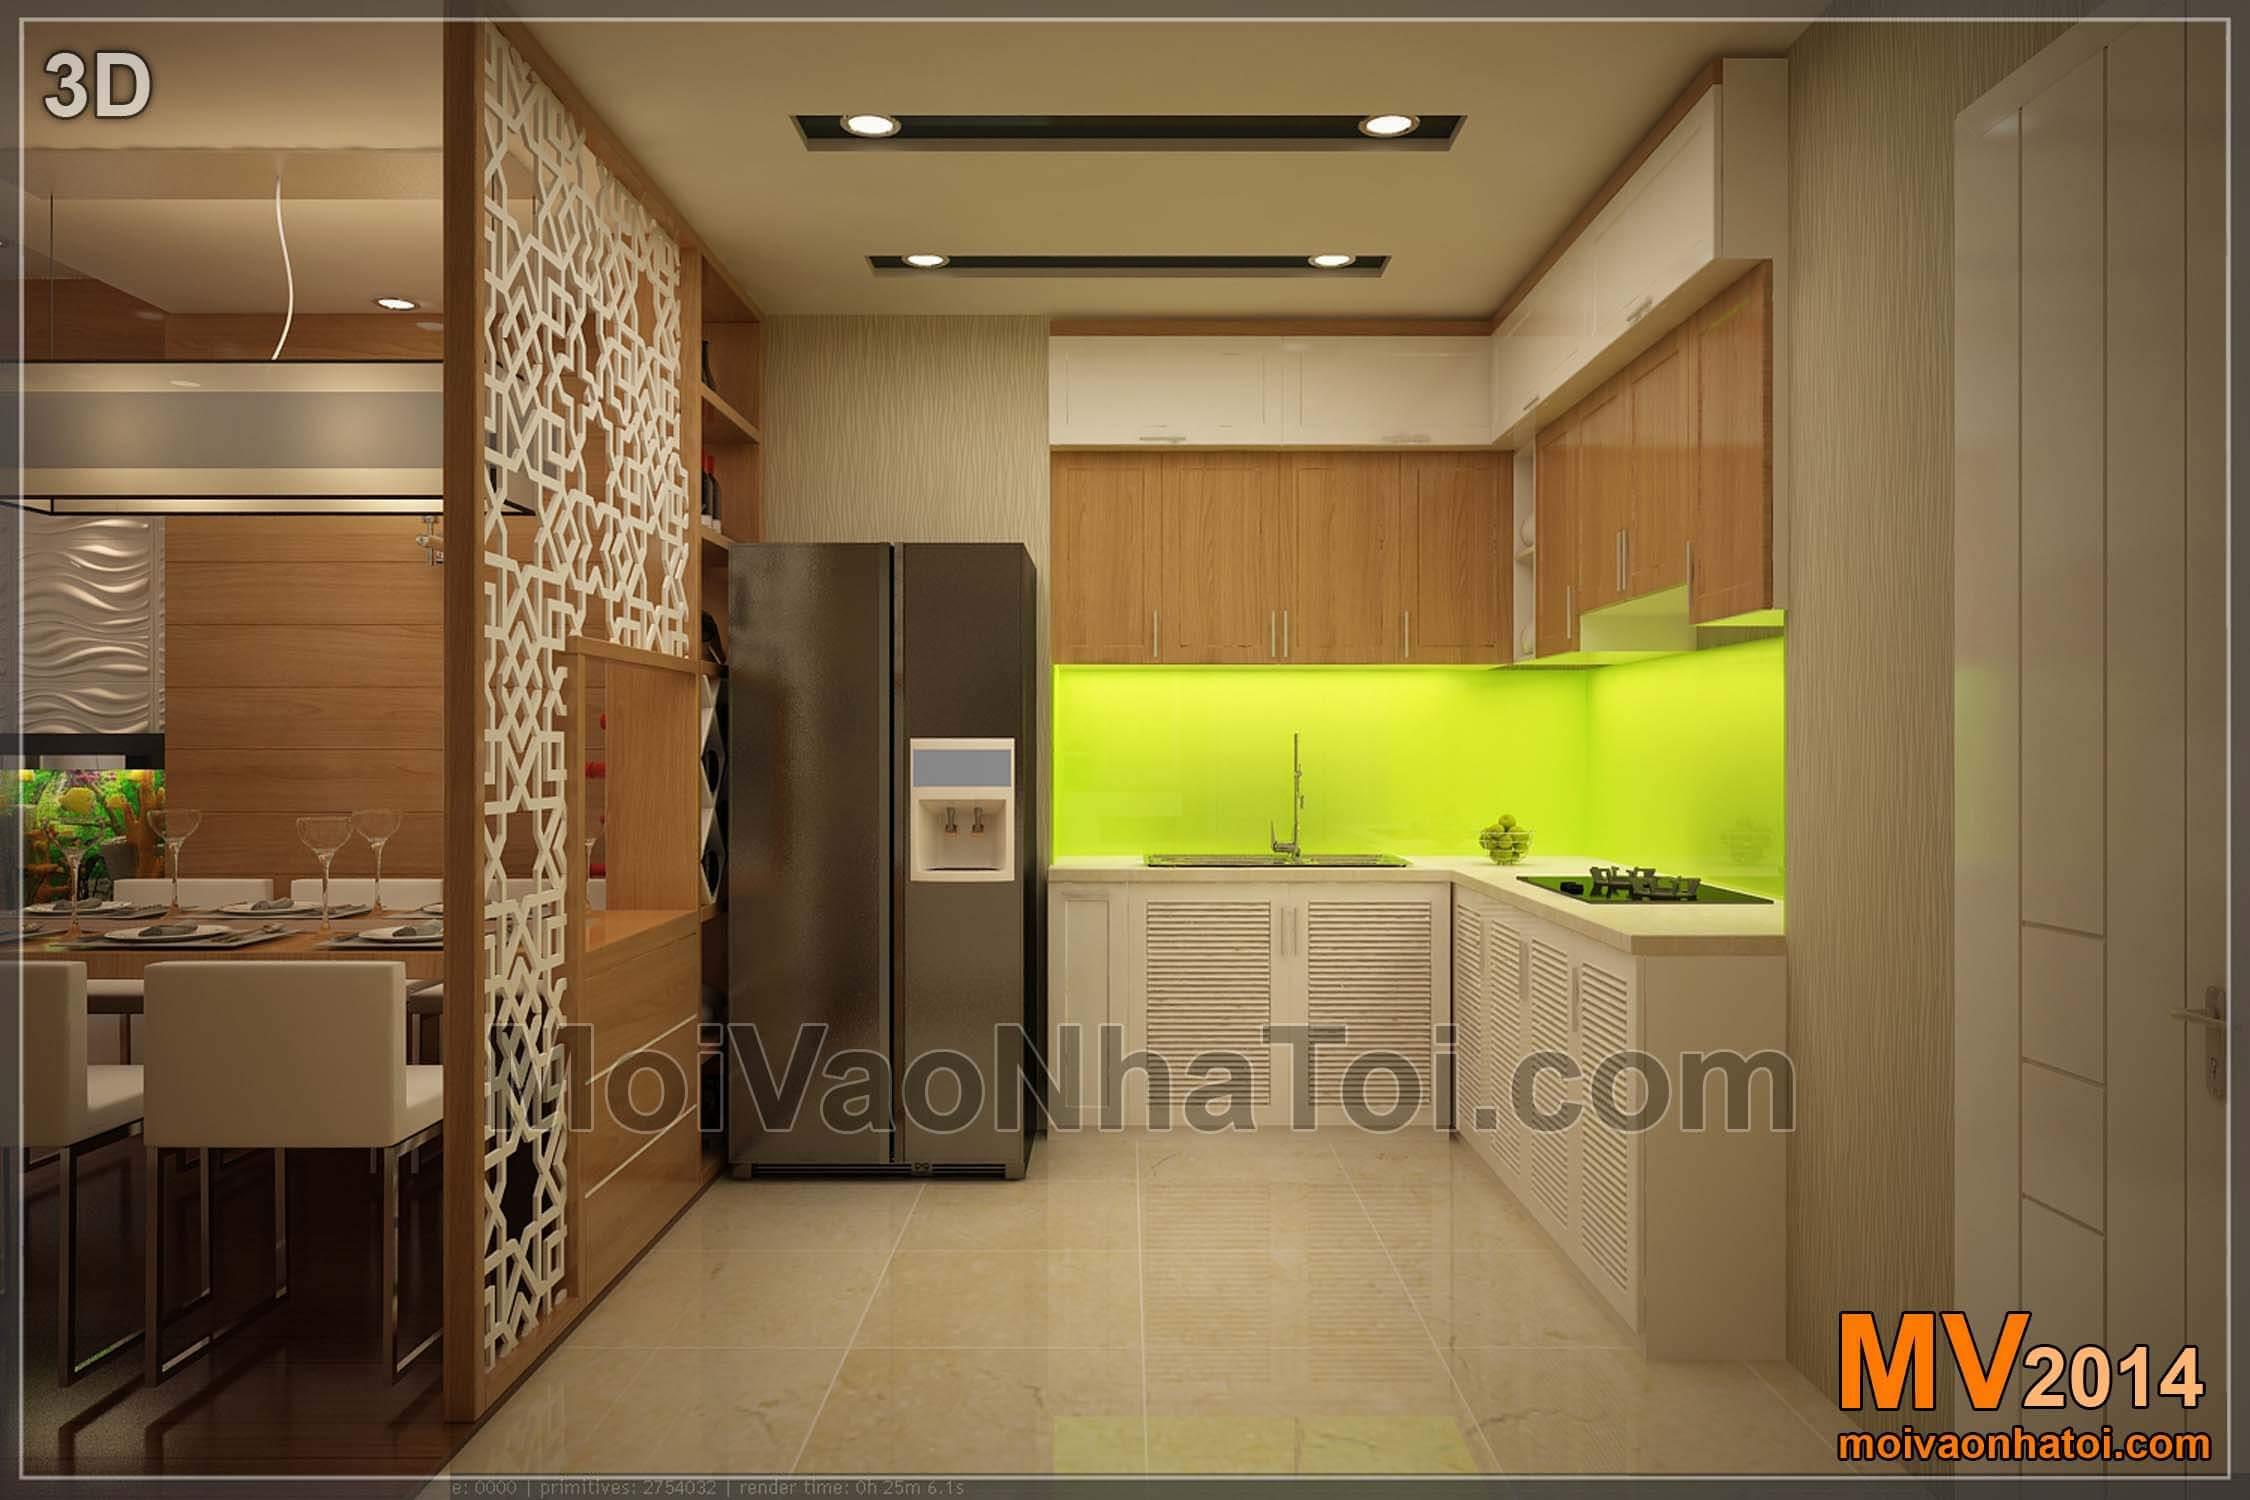 Thiết kế 3D khu vực bếp